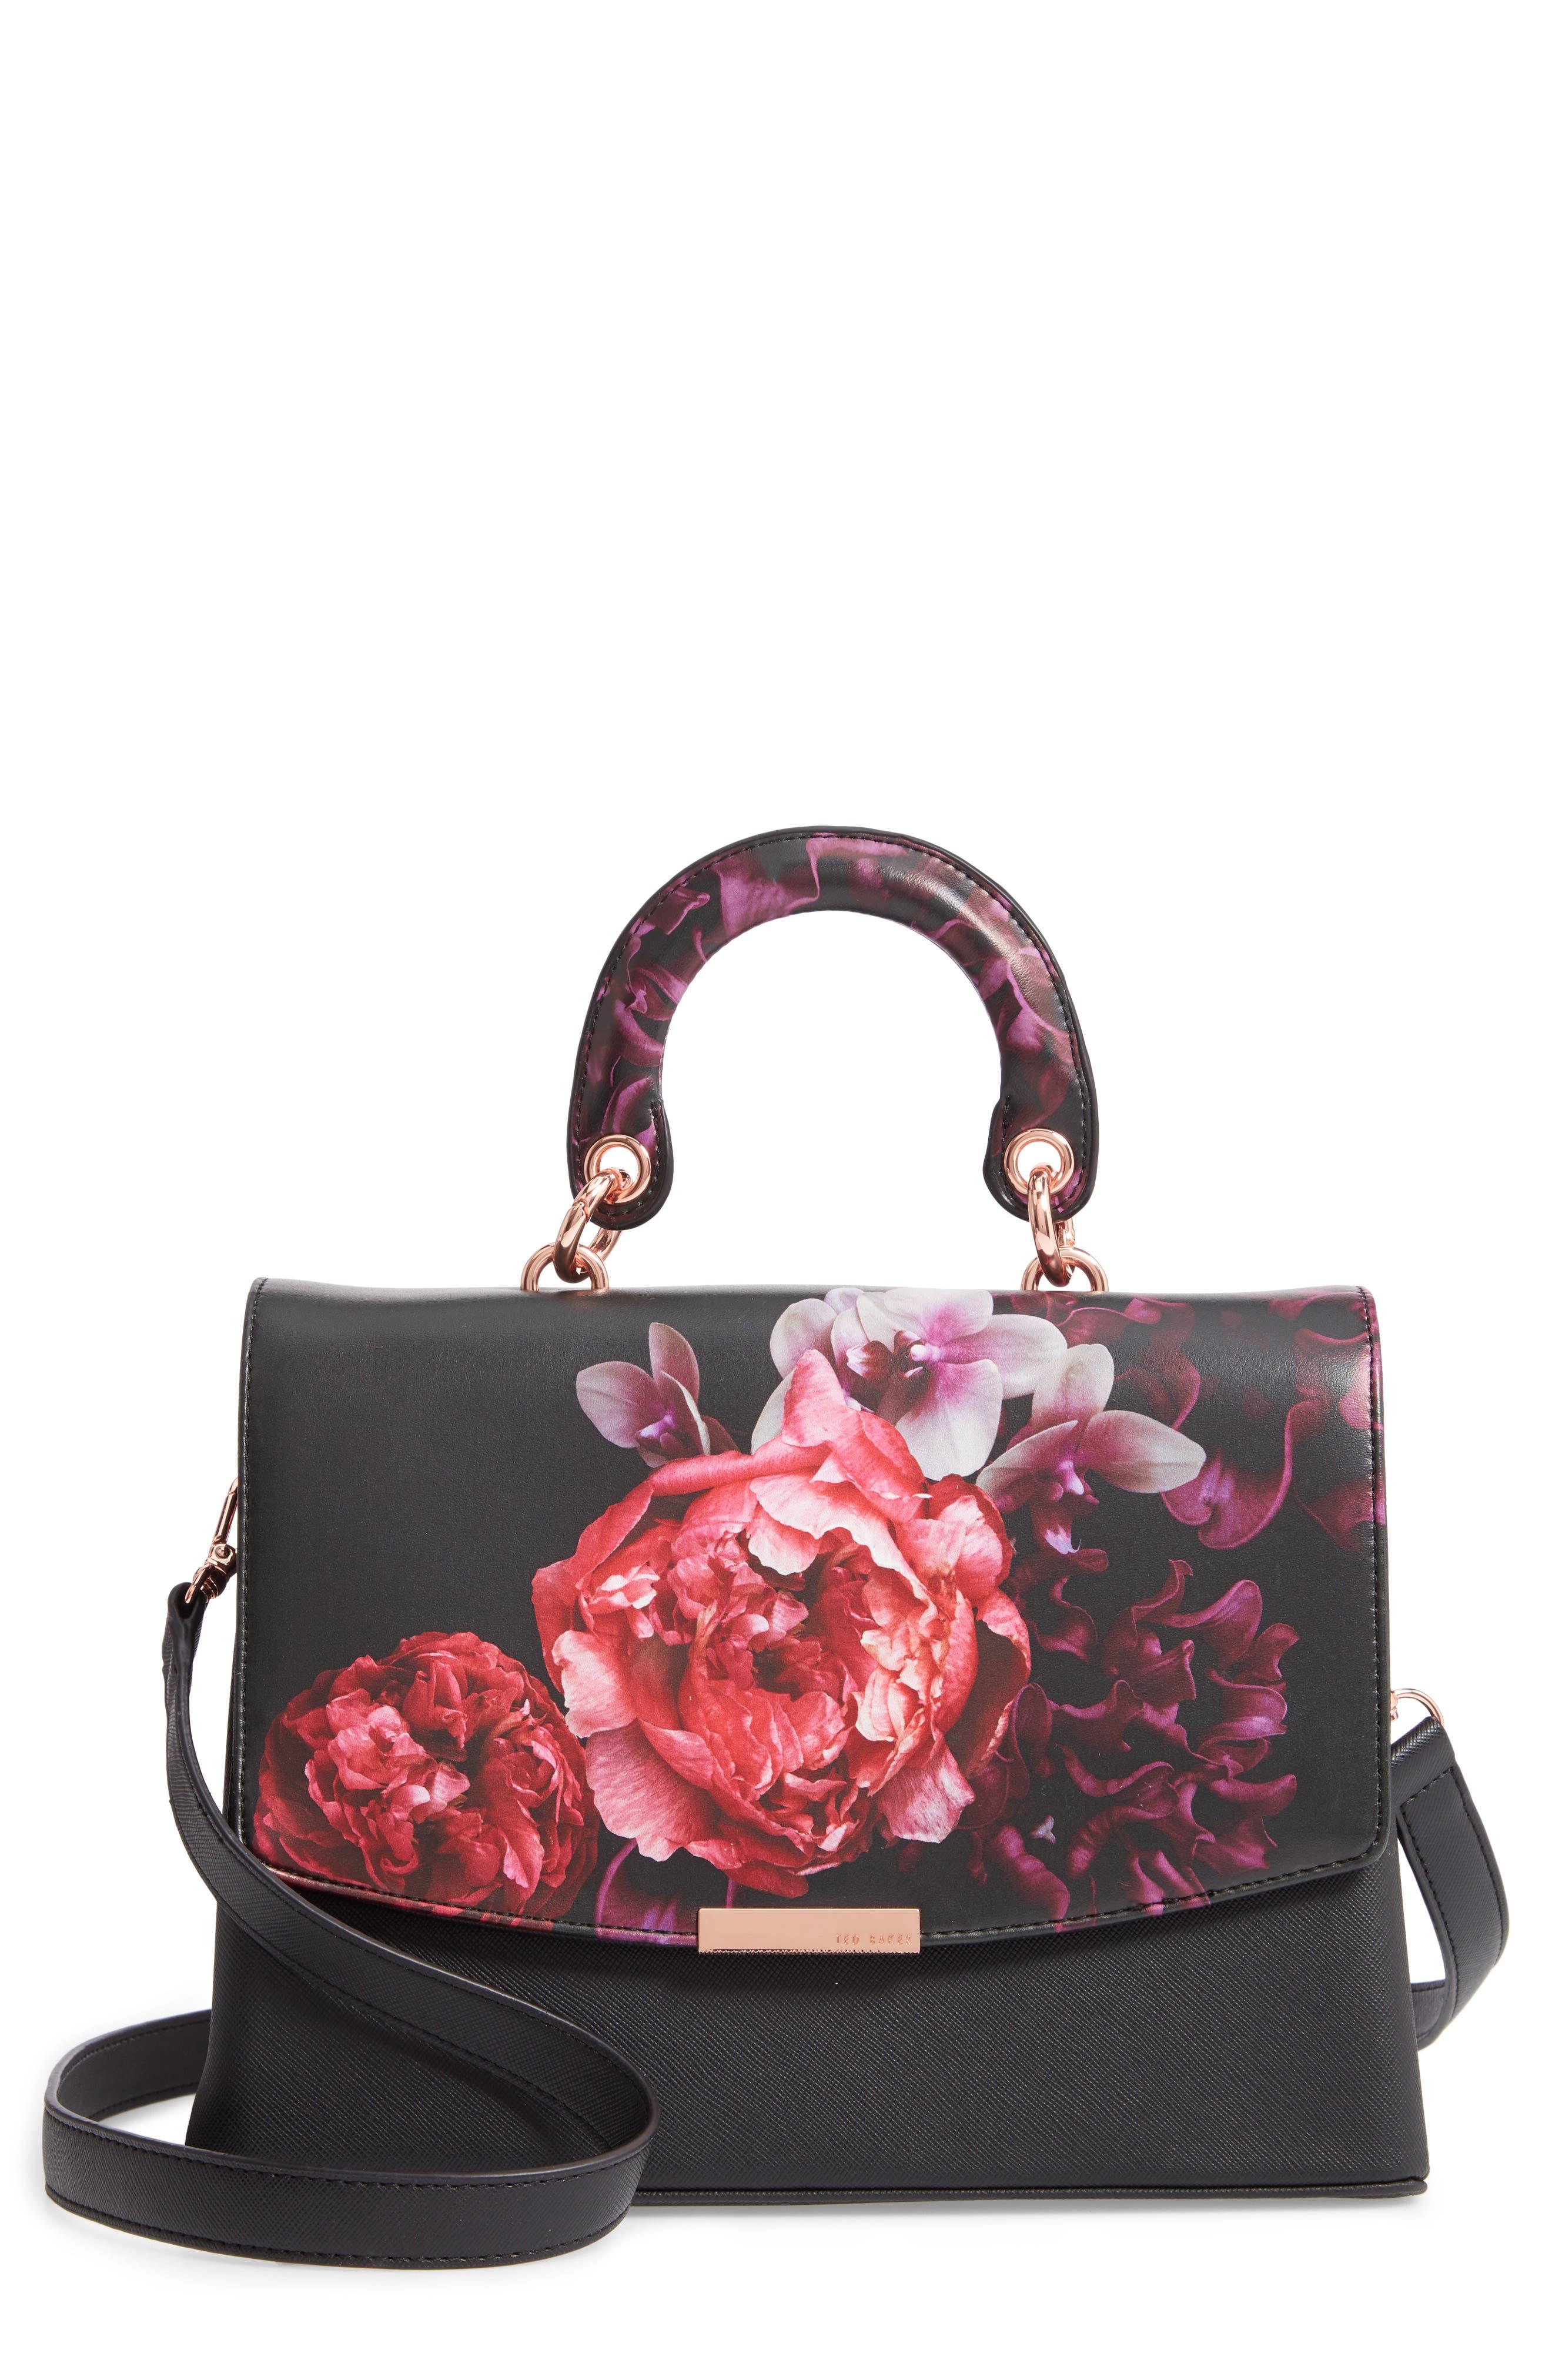 Splendour Lady Bag Faux Leather Top Handle Satchel,                             Main thumbnail 1, color,                             BLACK